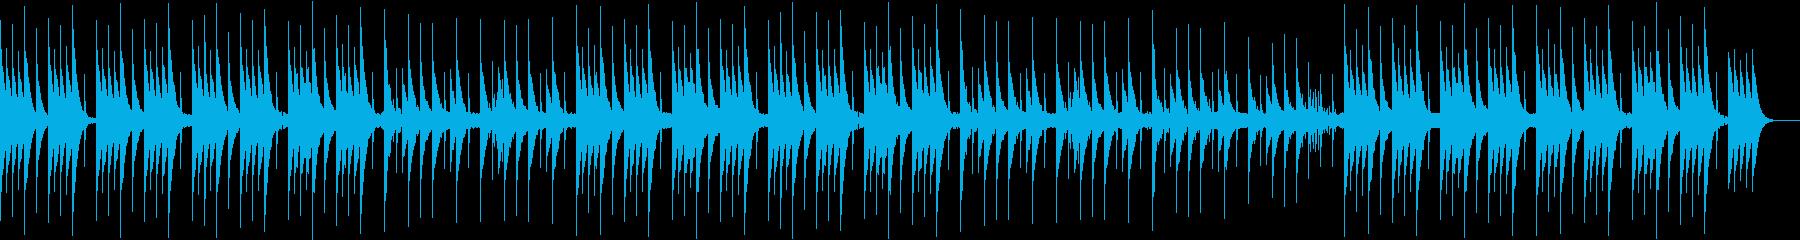 ホラー・怪談・心霊系の涼しい曲の再生済みの波形